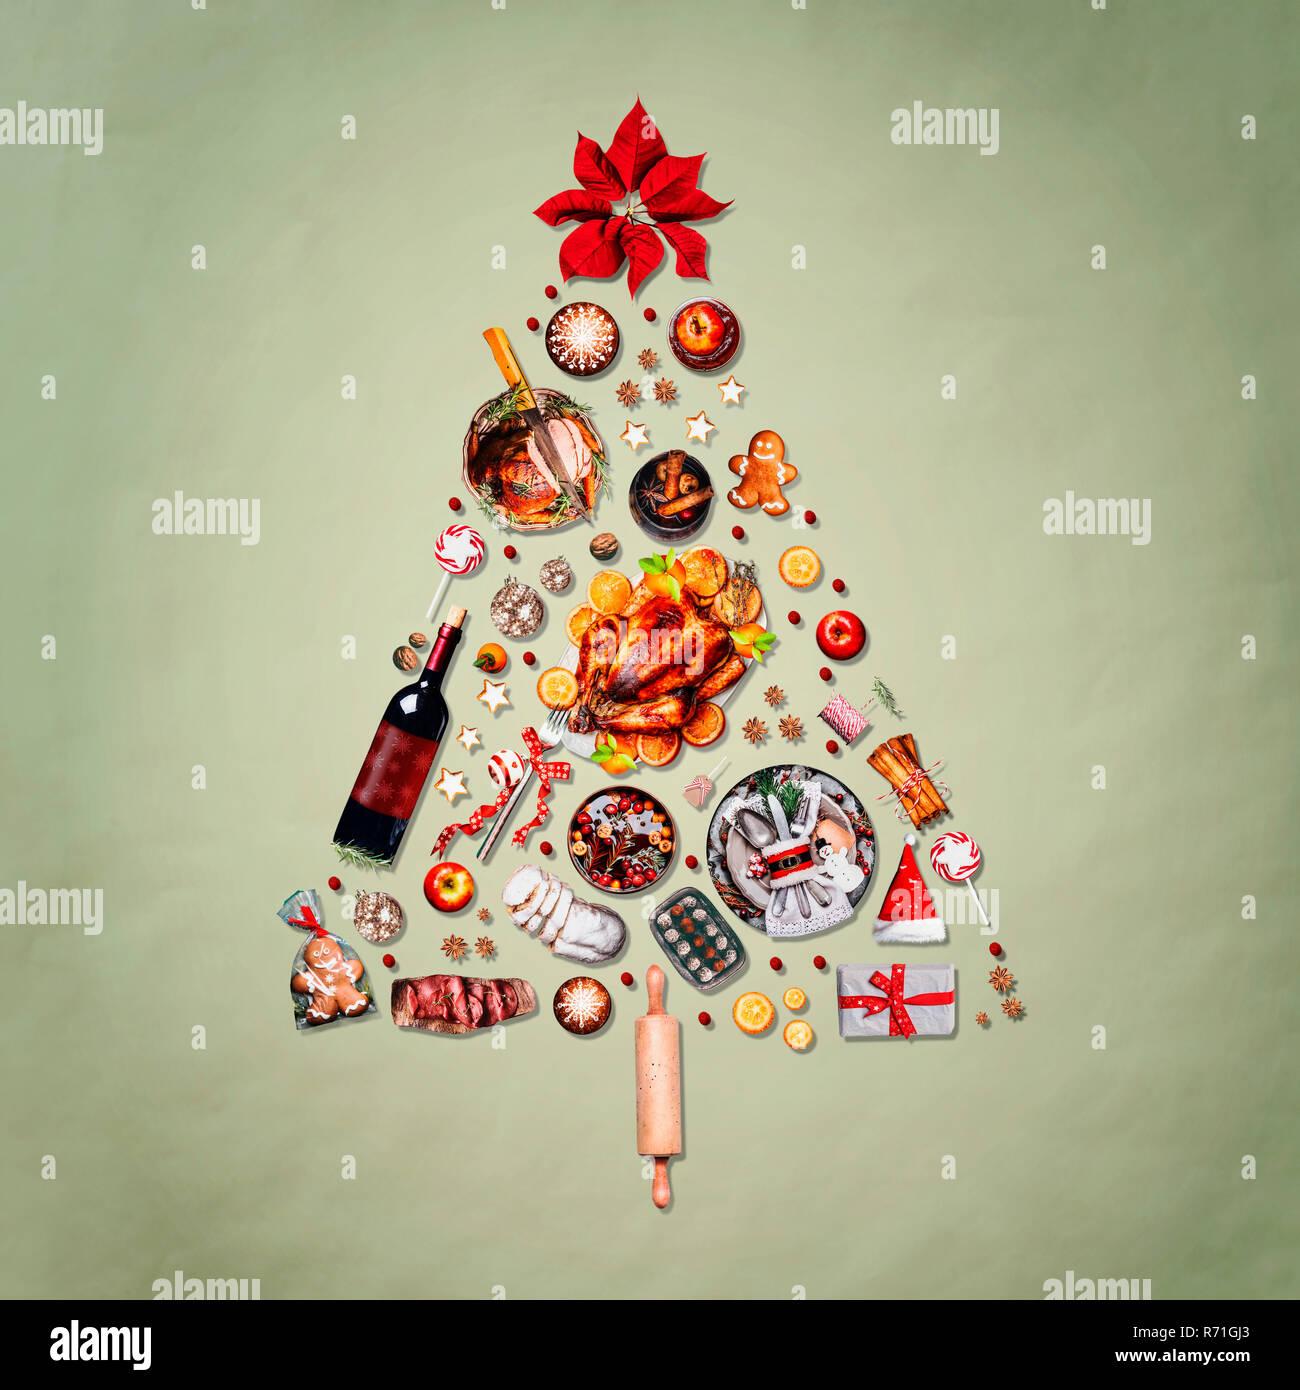 Weihnachtsbaum Kaufen Essen.Weihnachtsbaum Mit Verschiedenen Weihnachten Essen Gemacht Türkei